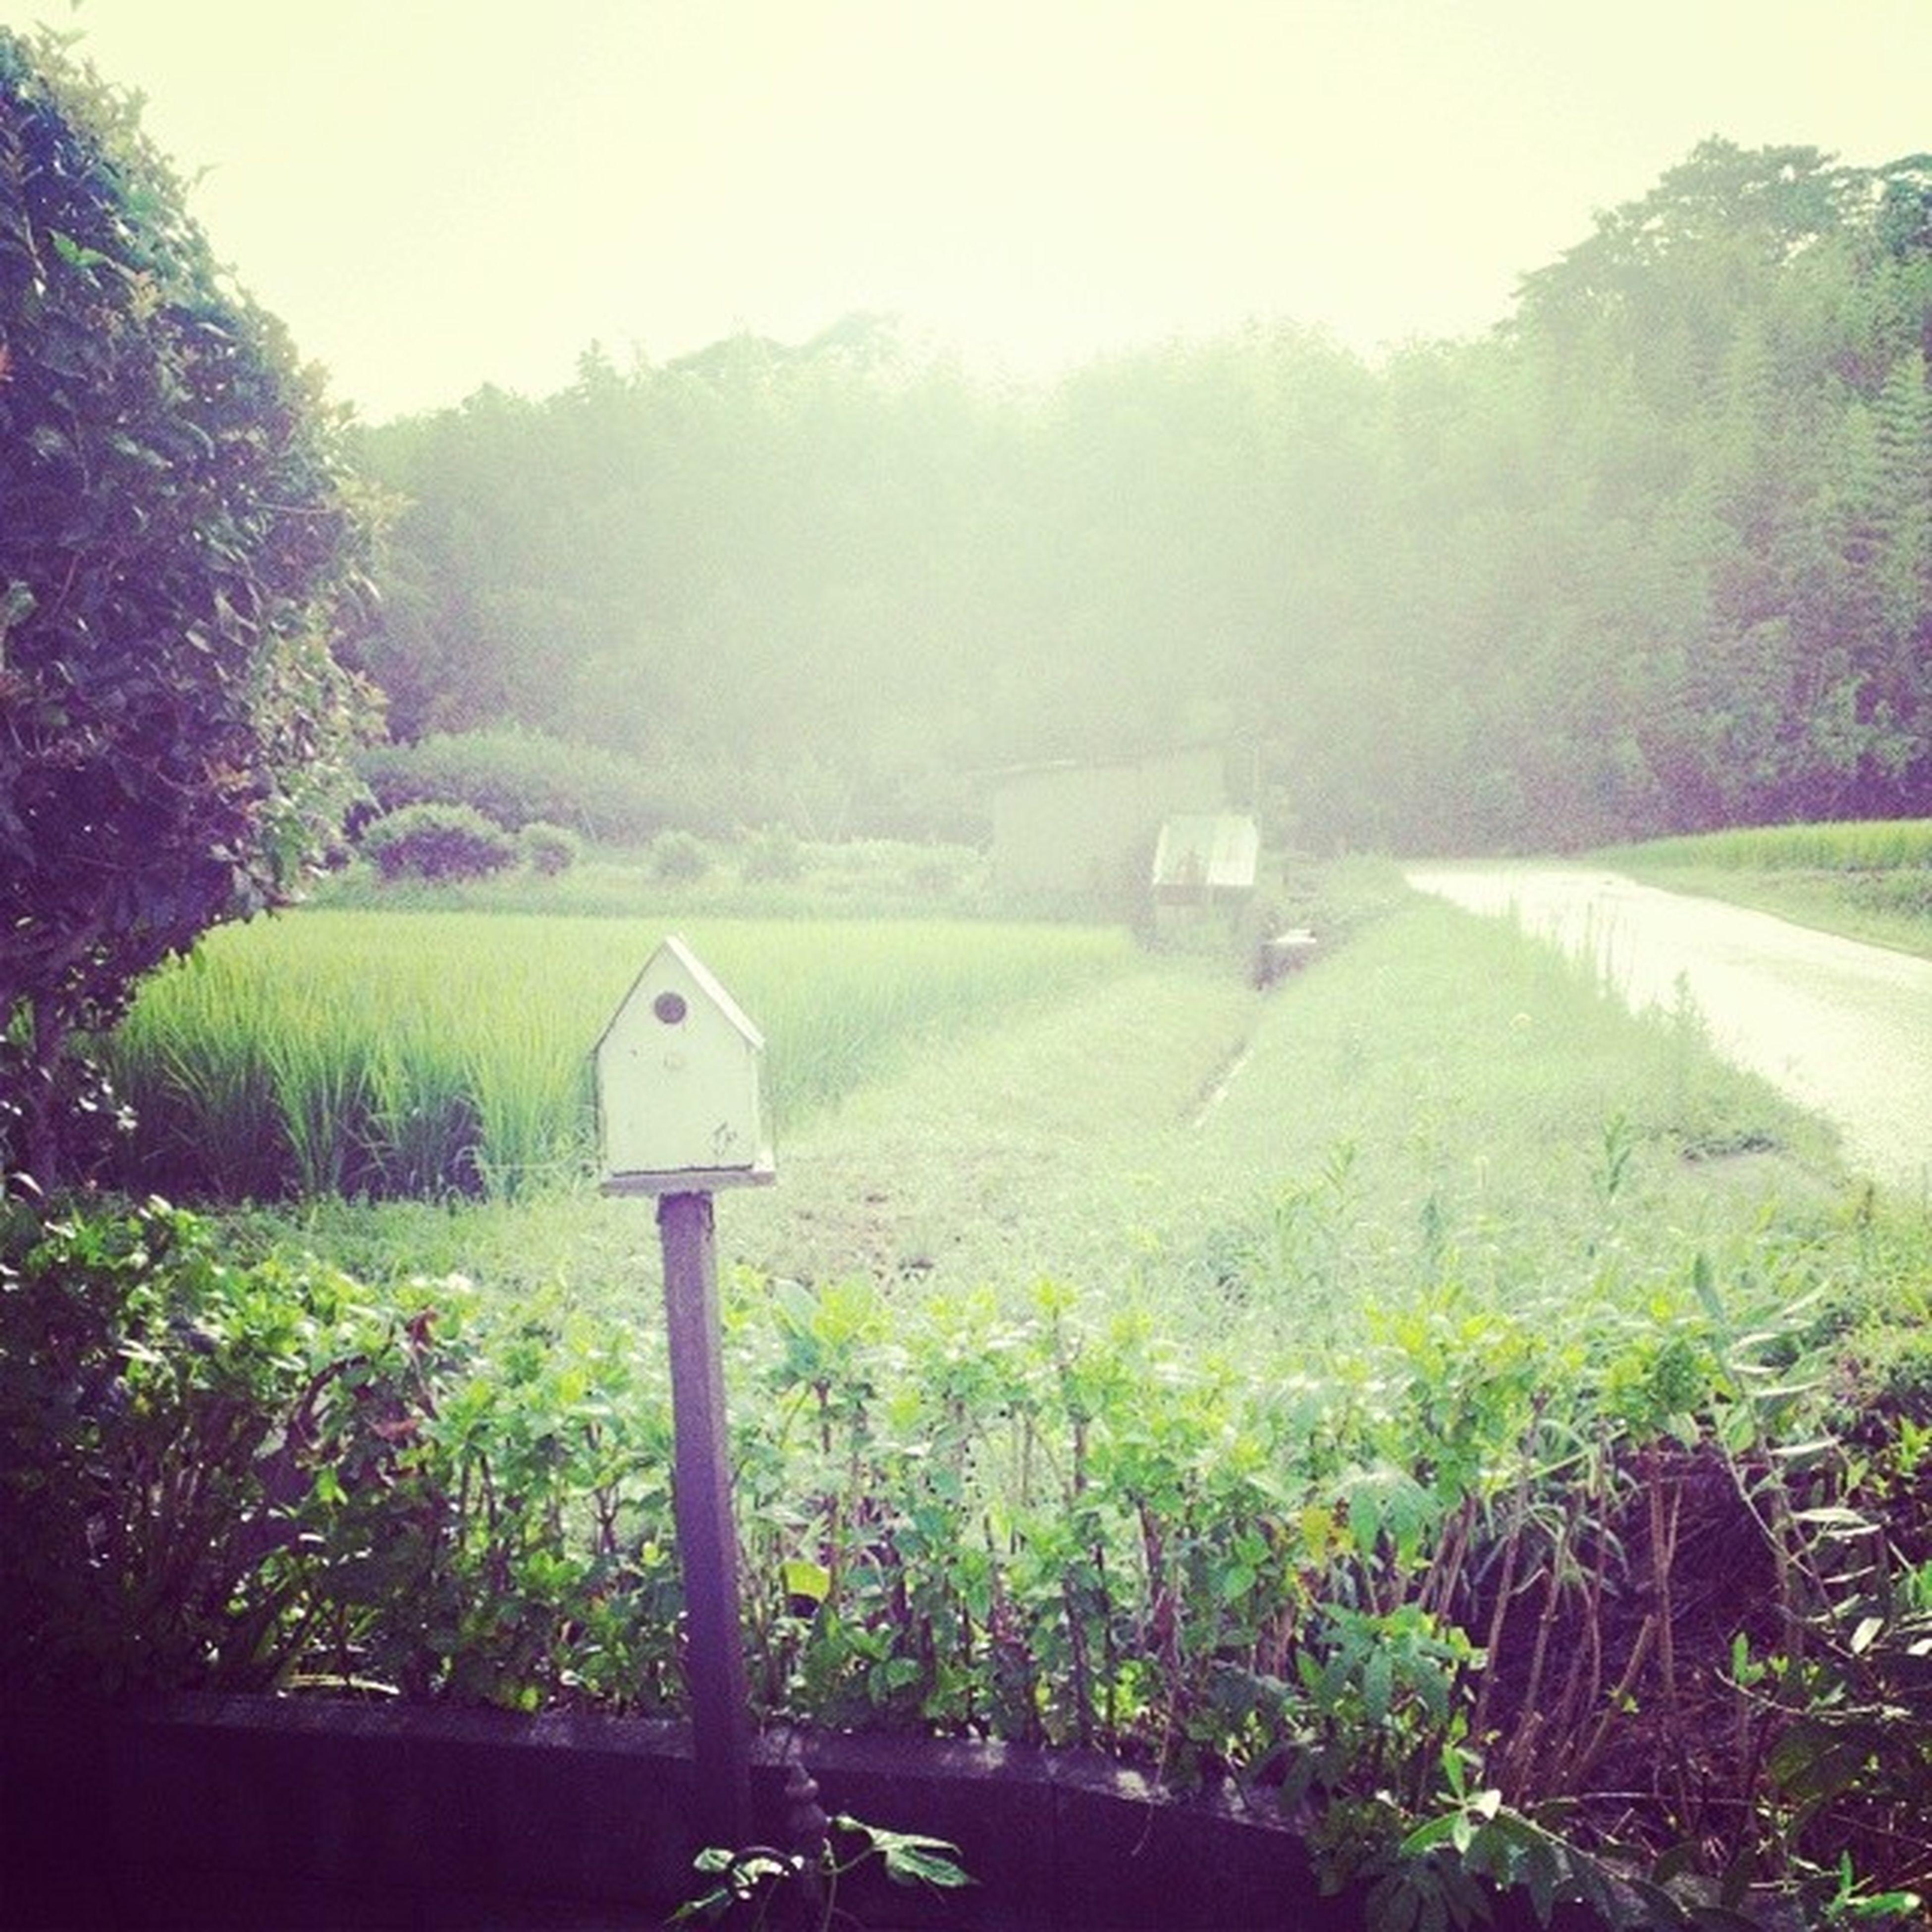 今年も静かにすごします~。 いつかは鳥取に帰りたい。